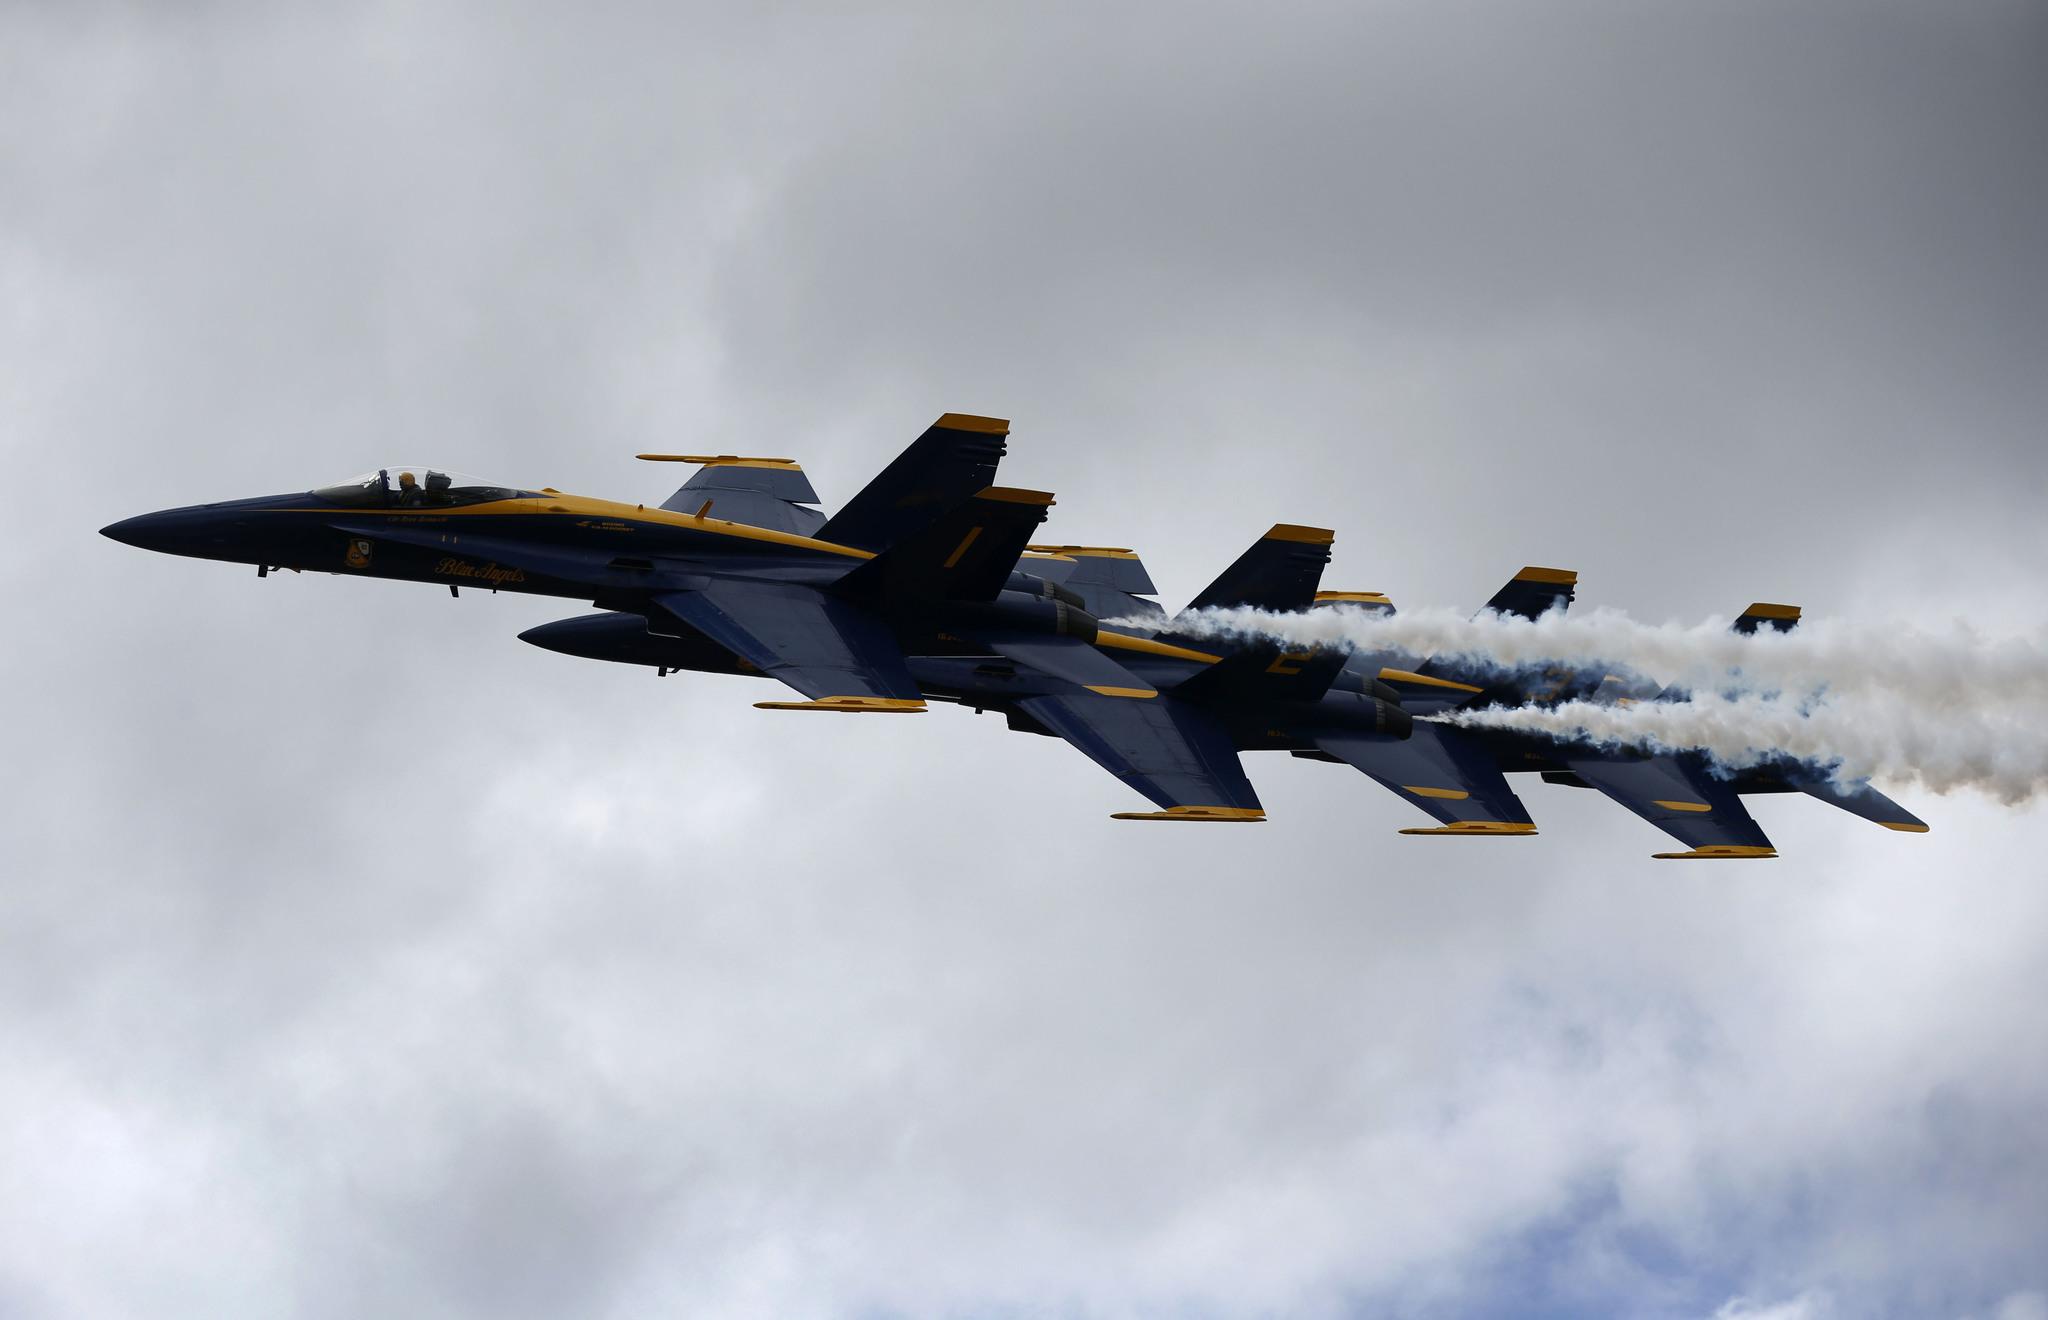 미 해군 블루엔젤스가 23일(현지시간) 뉴올리언즈 에어쇼에서 곡예비행을 선보이고 있다. [AP=뉴시스]